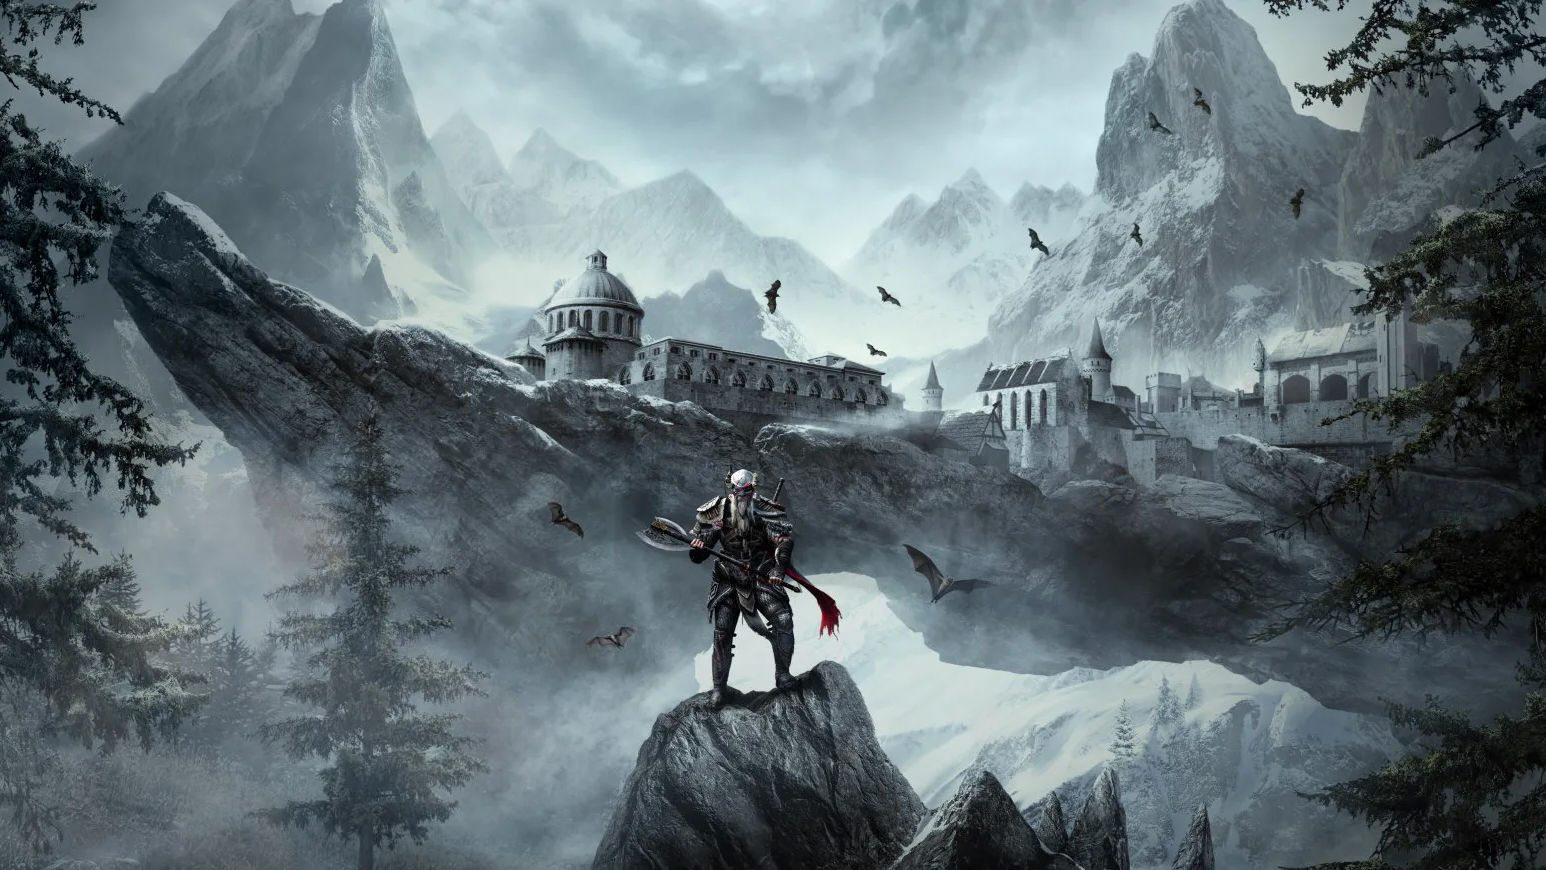 The Elder Scrolls Online: Greymoor genişleme paketi çıktı!